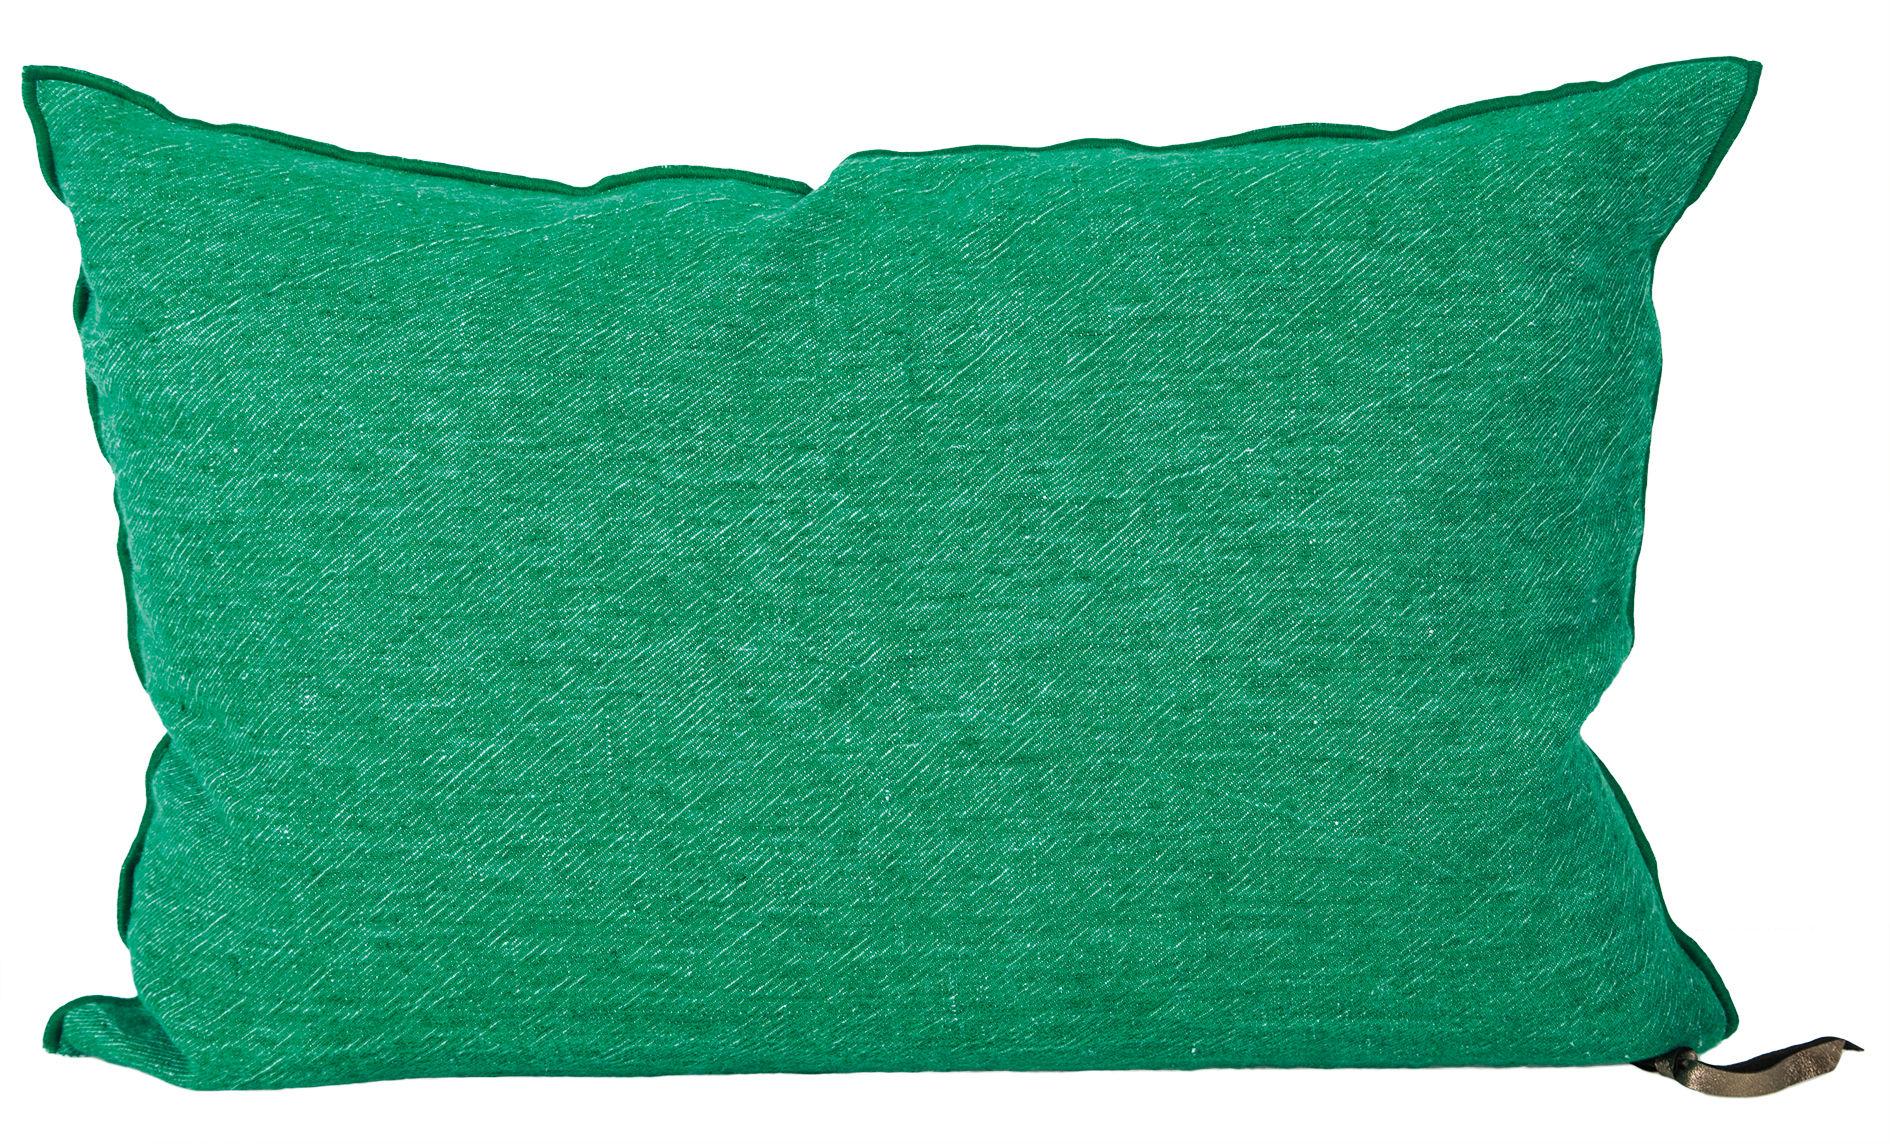 Dekoration - Kissen - Vice Versa Kissen / 30 x 50 cm - Leinen - Maison de Vacances - Smaragdgrün - Baumwolle, Entenfedern, Zerknittertes und gewaschenes Leinen